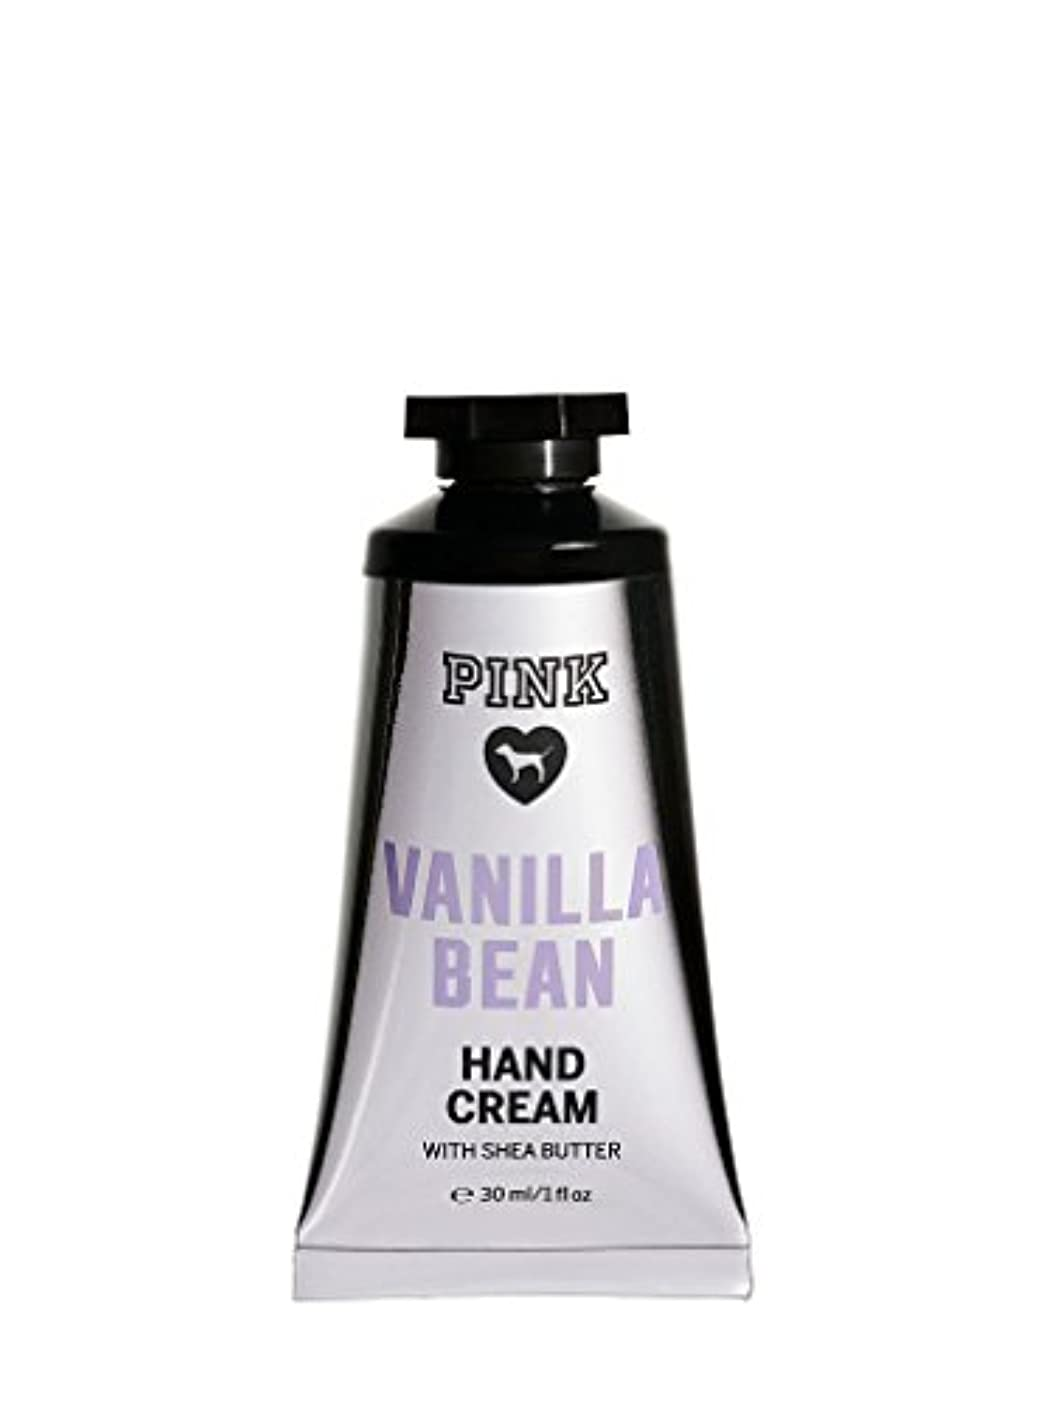 従来のなめらかなあからさまVICTORIA'S SECRET ヴィクトリアシークレット/ビクトリアシークレット PINK バニラビーンズ ハンドクリーム/PINK HAND CREAM [並行輸入品]